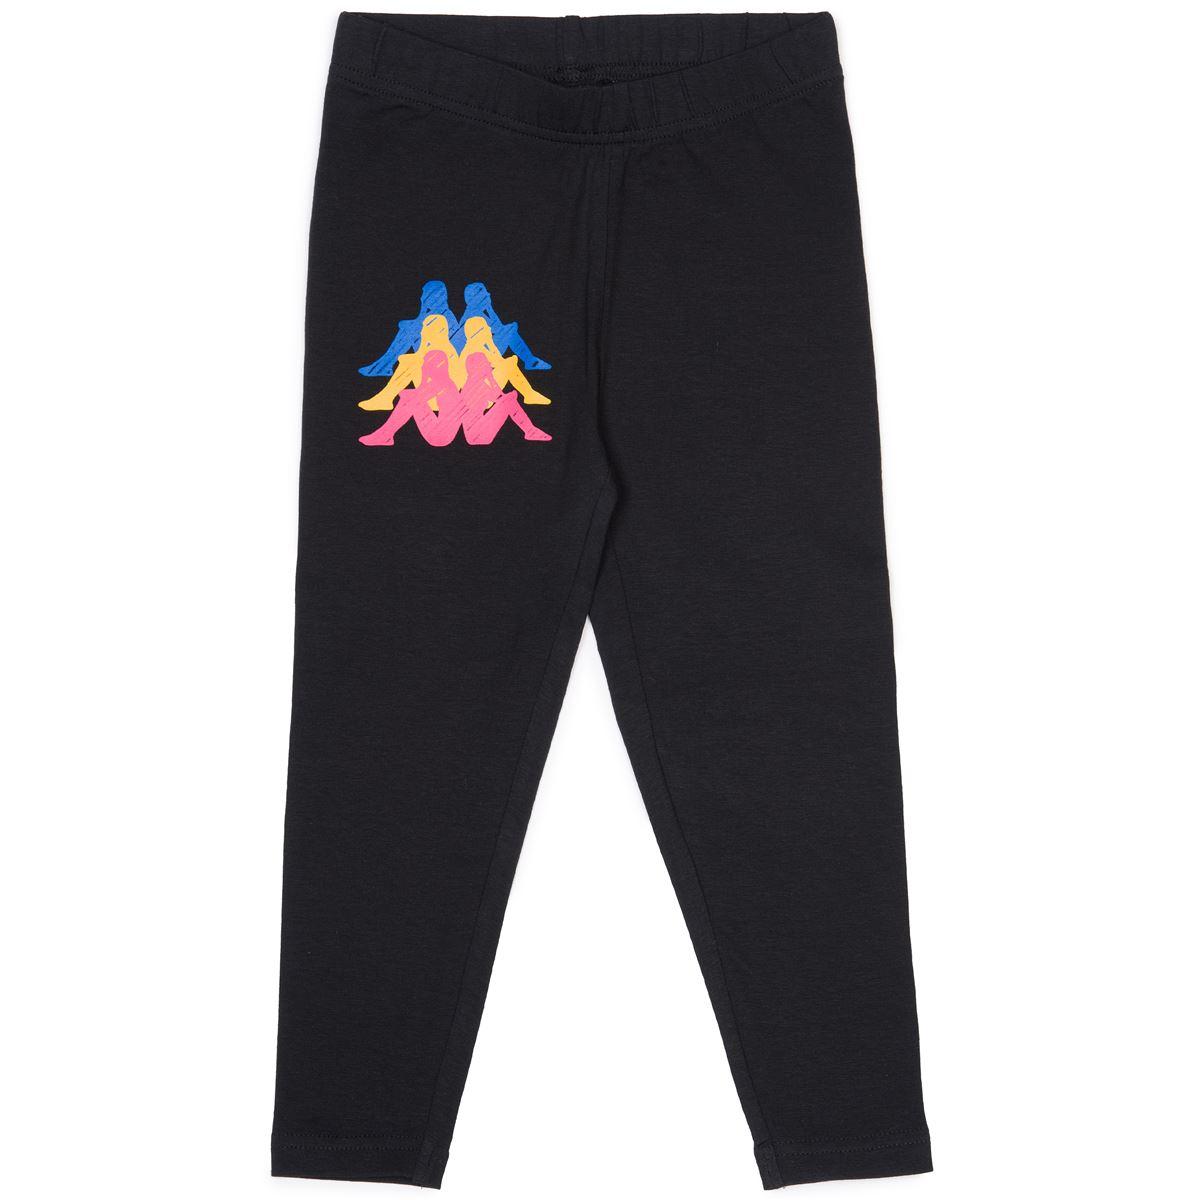 Kappa Pantaloni bambina-3116GWW